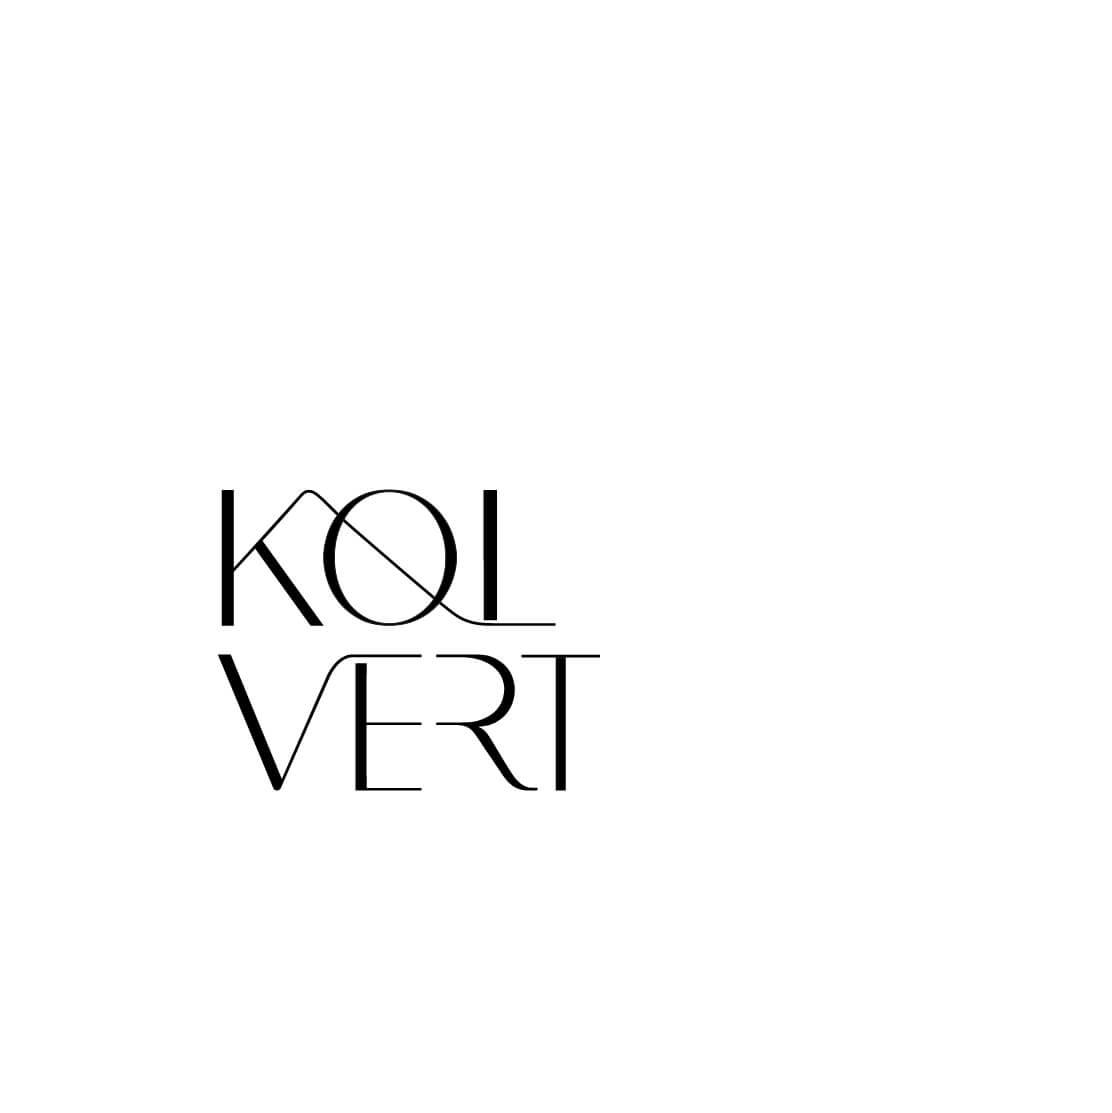 kolvert